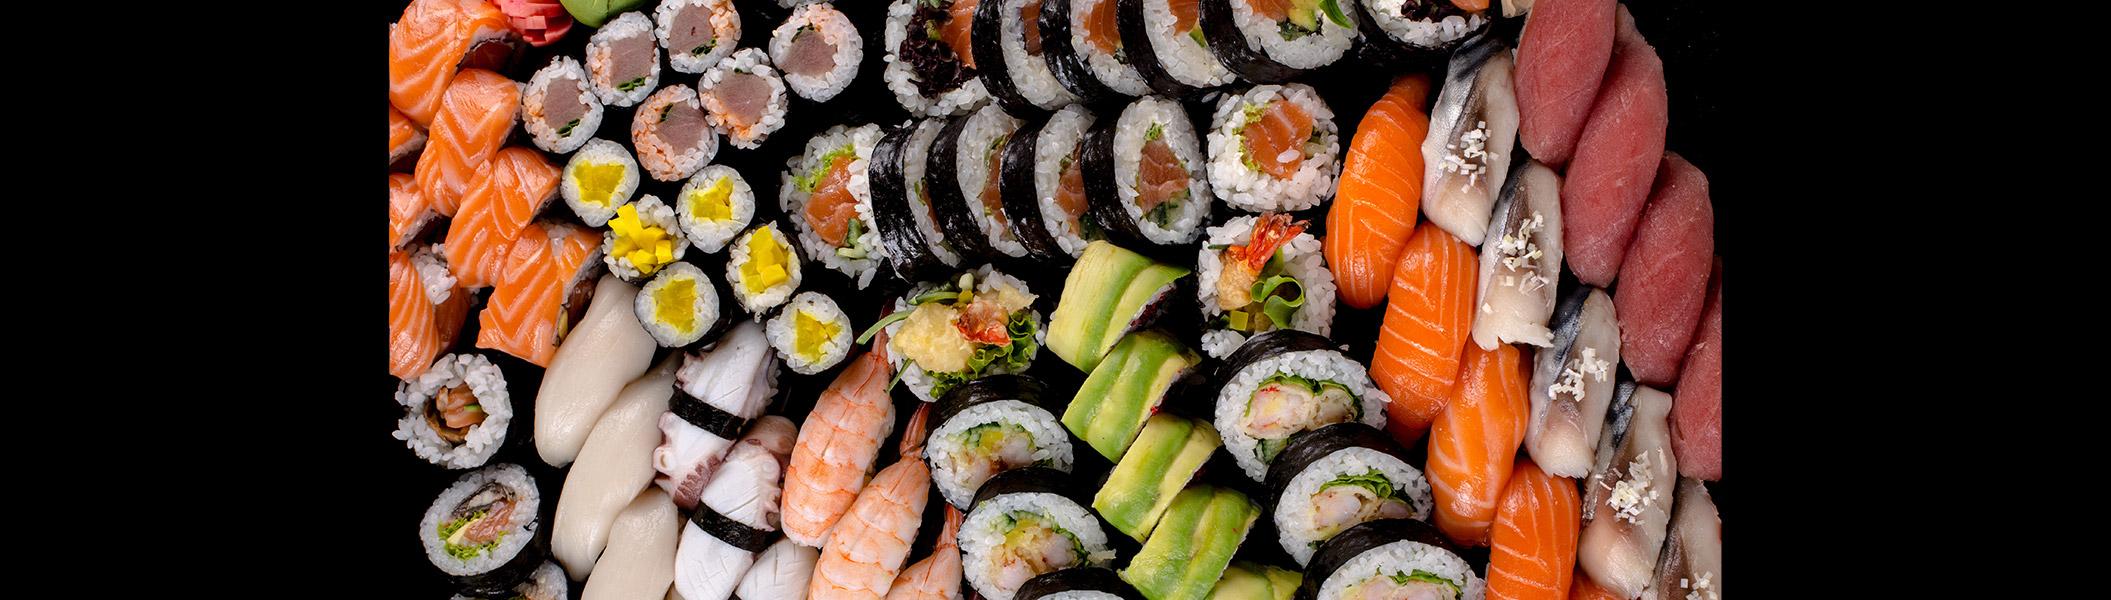 sushi-setove-fon